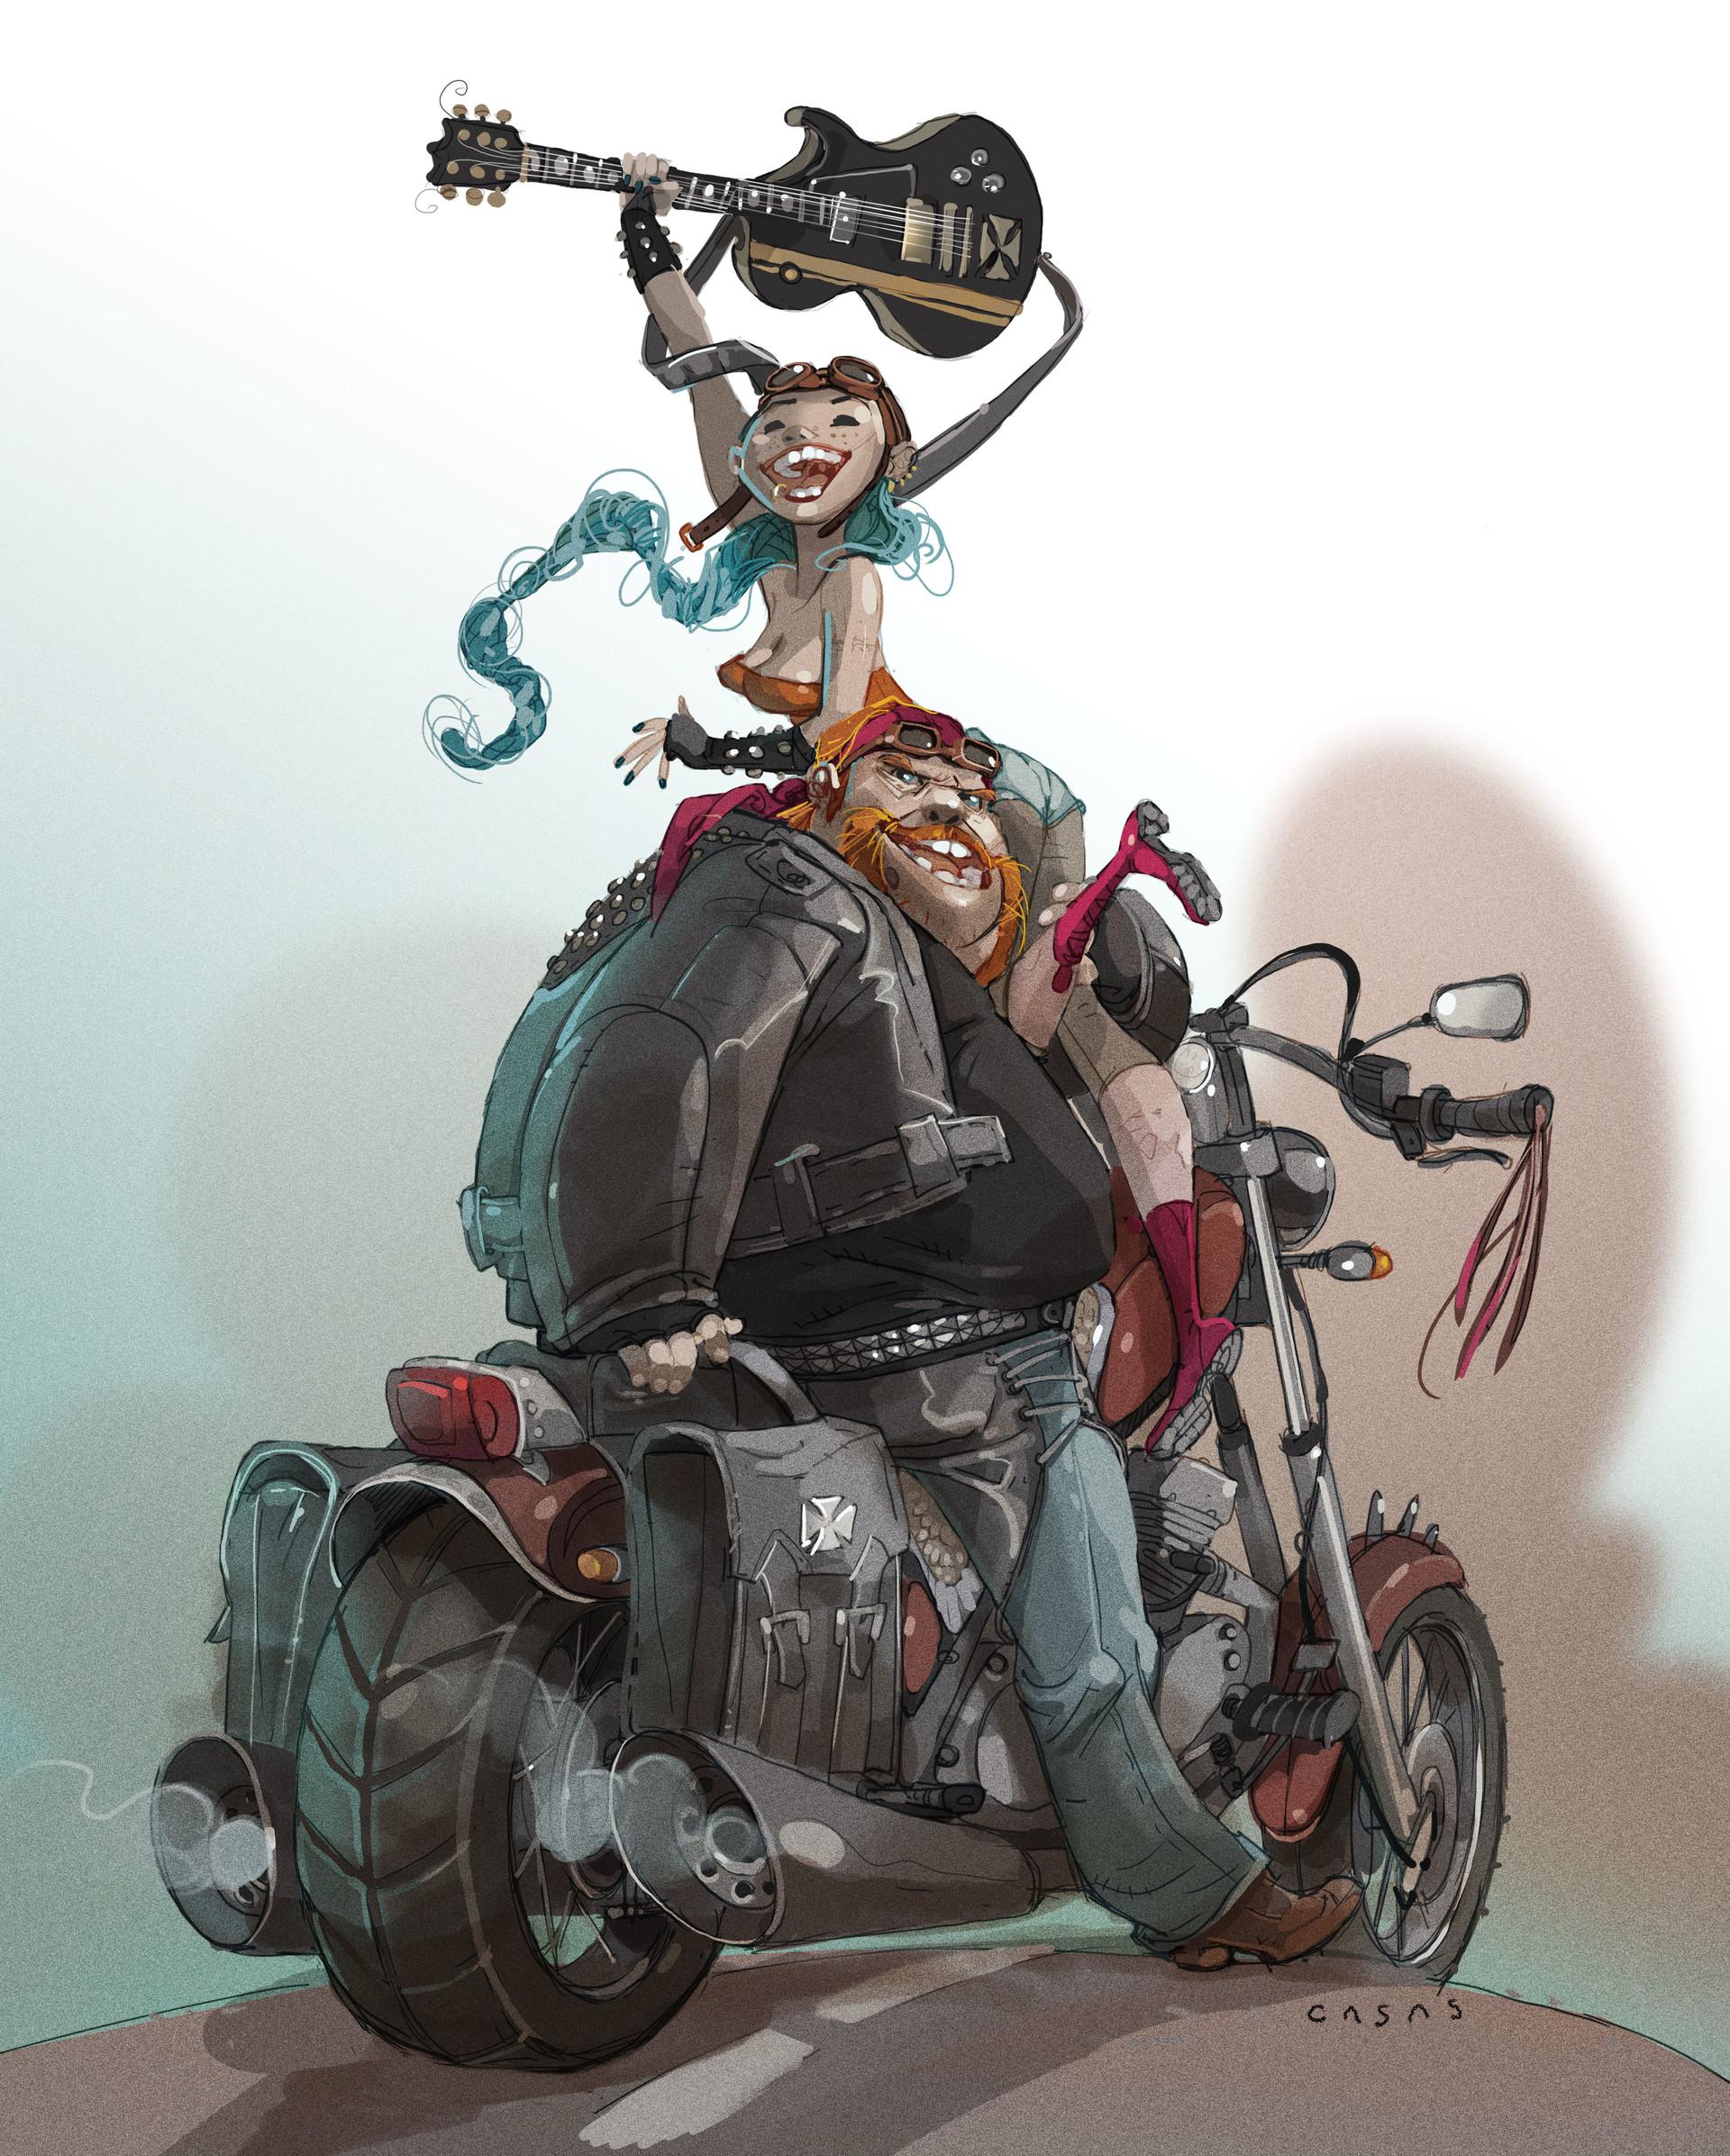 Guillermo casas moto6